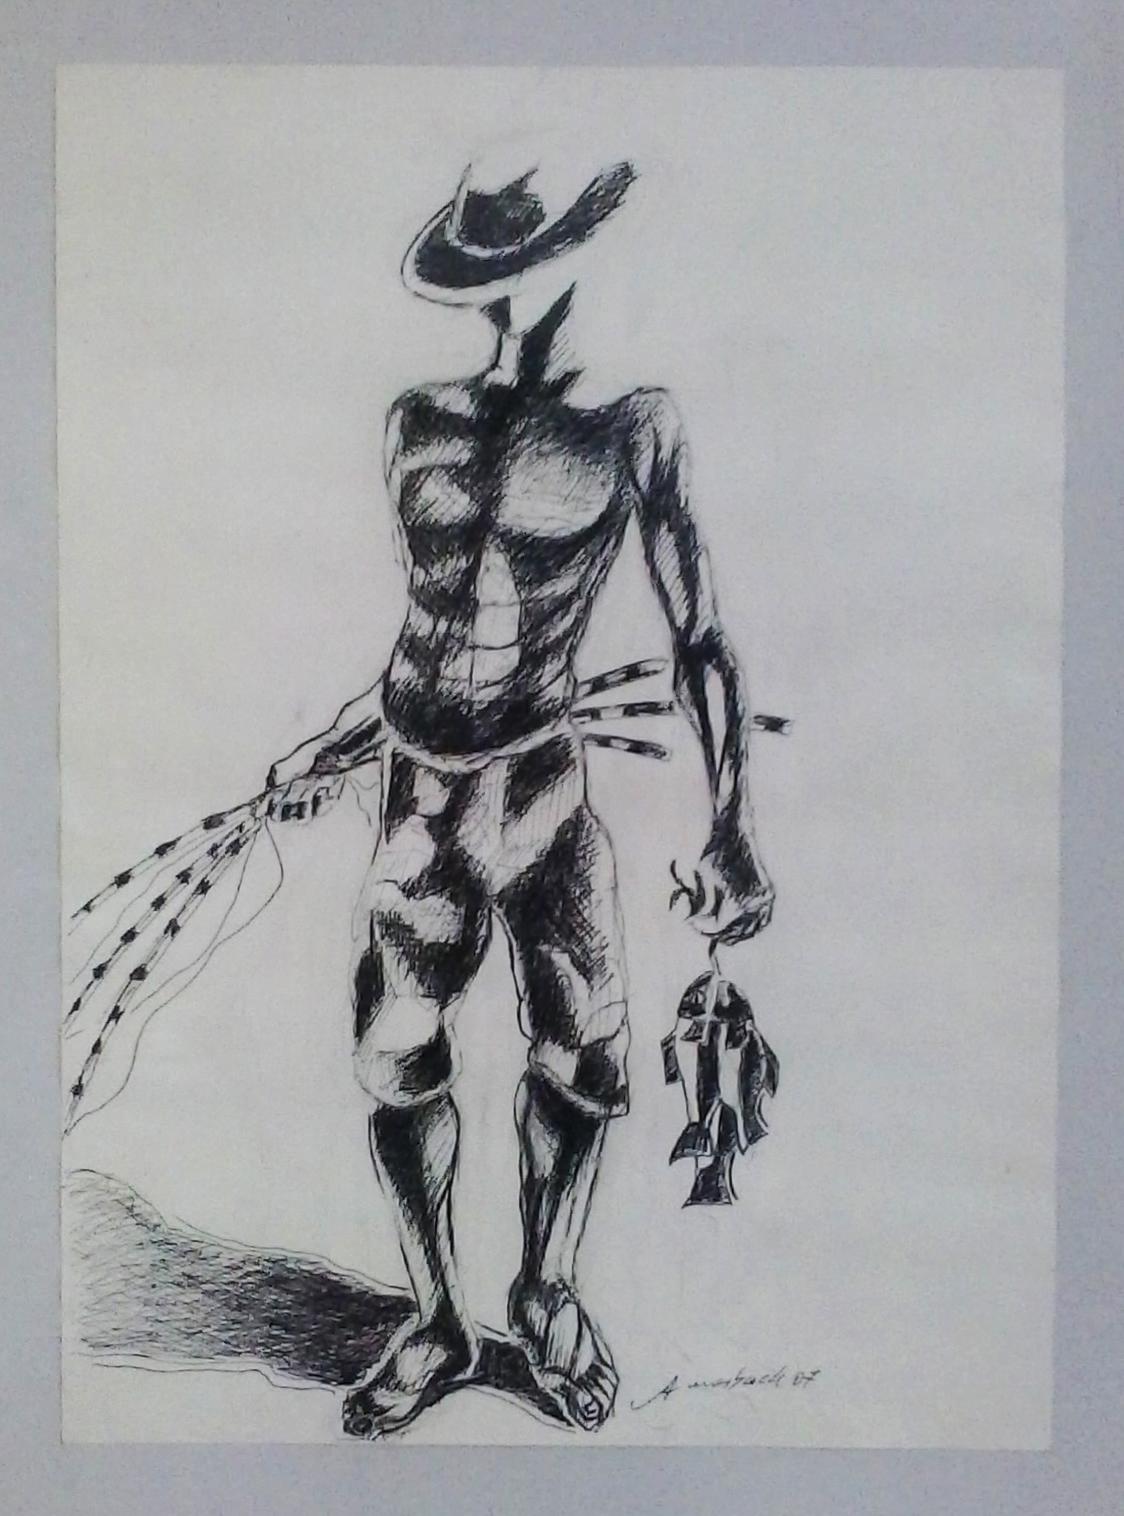 Antônio_Morbach_-_Pescador,_Série_Nanquim,_2007._Desenho,_42.3x29.9